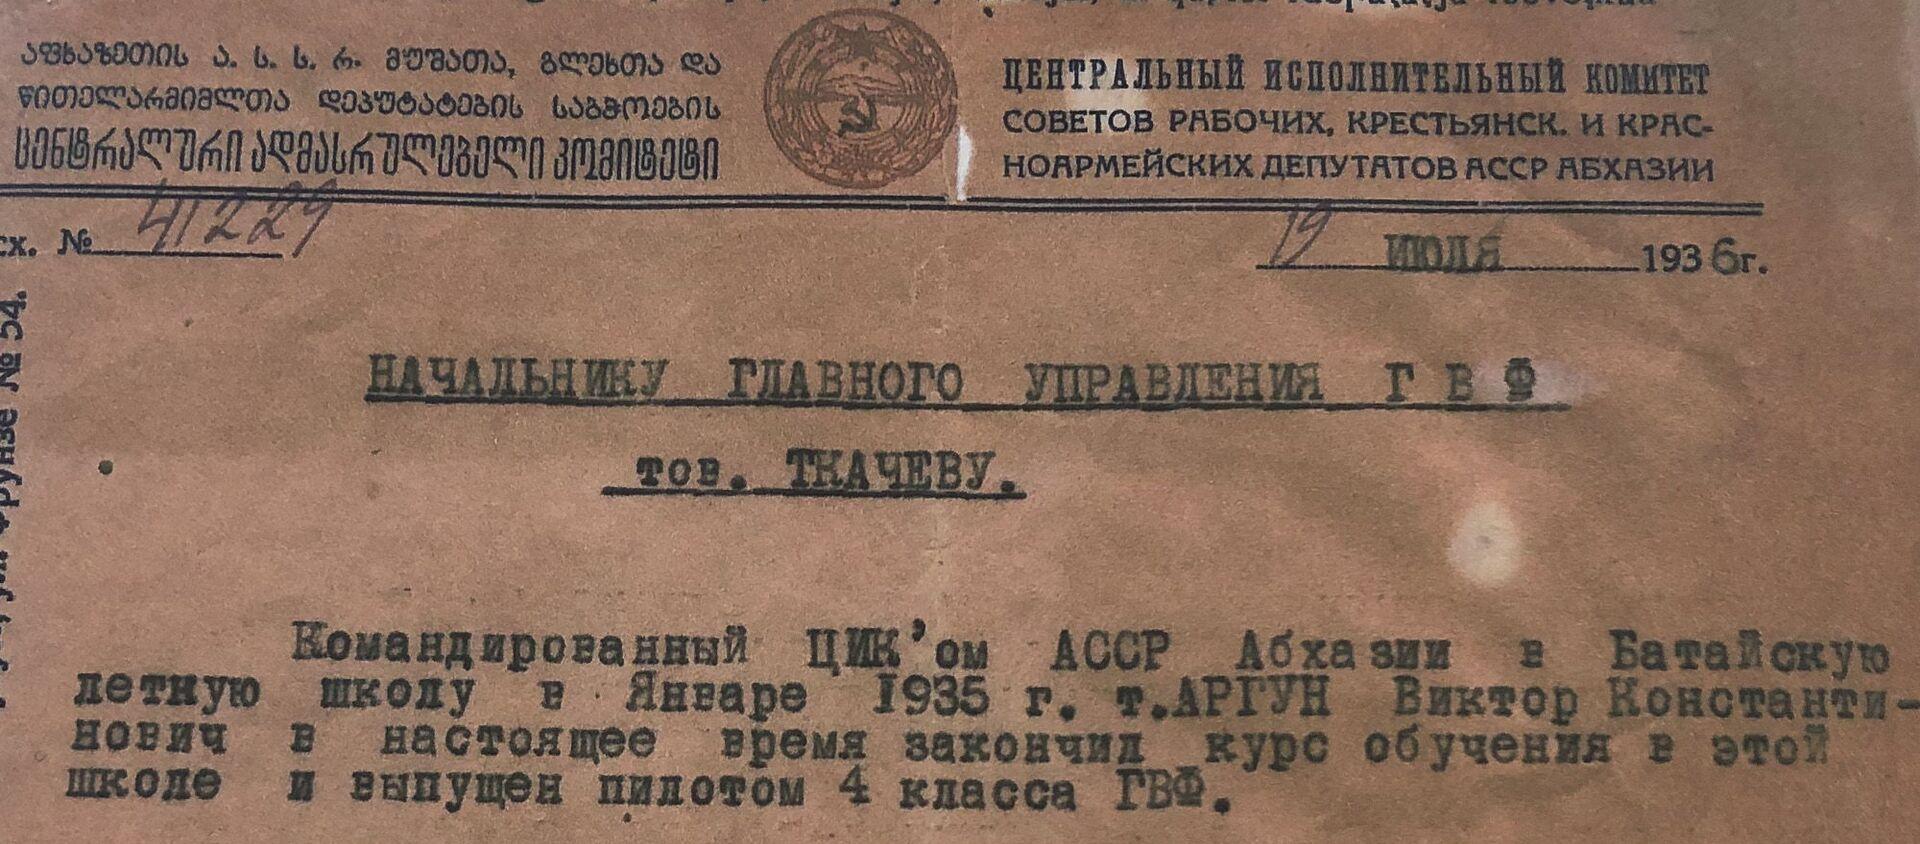 Актәи аԥсуа ԥырҩы идокументқәа - Sputnik Аҧсны, 1920, 20.12.2019